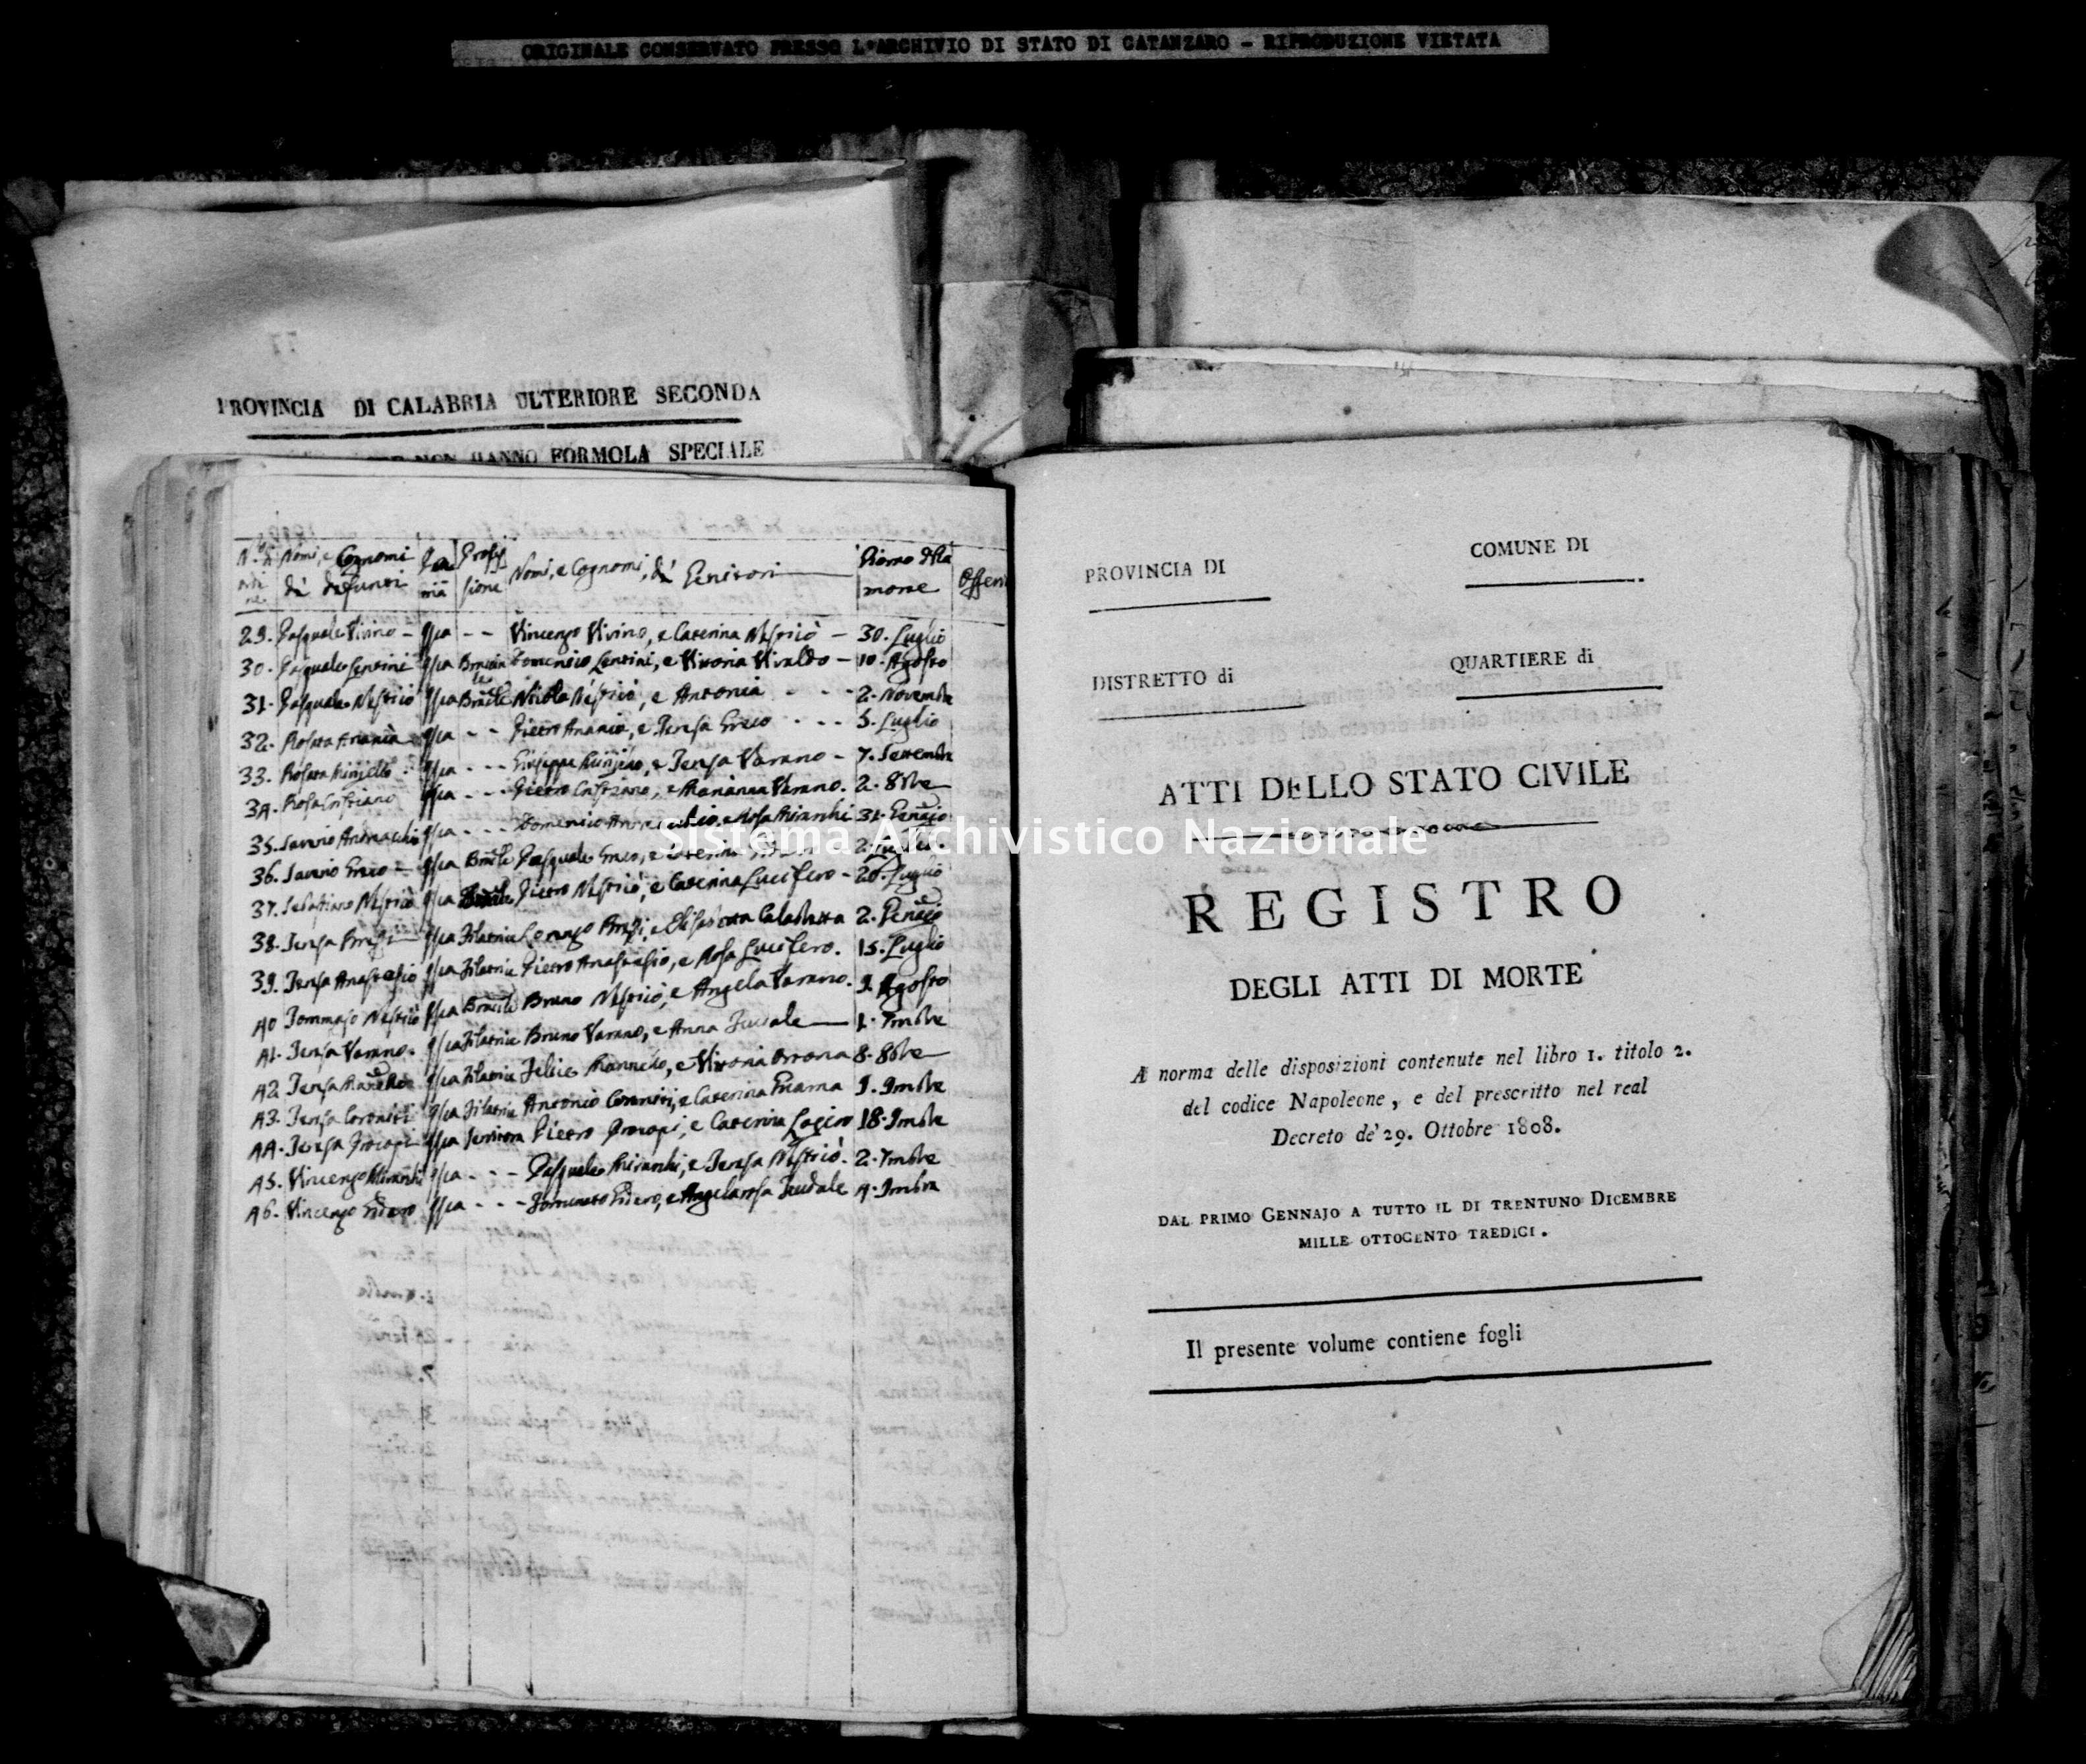 Archivio di stato di Catanzaro - Stato civile napoleonico - Isca sullo Ionio - Morti - 1813-1814 -